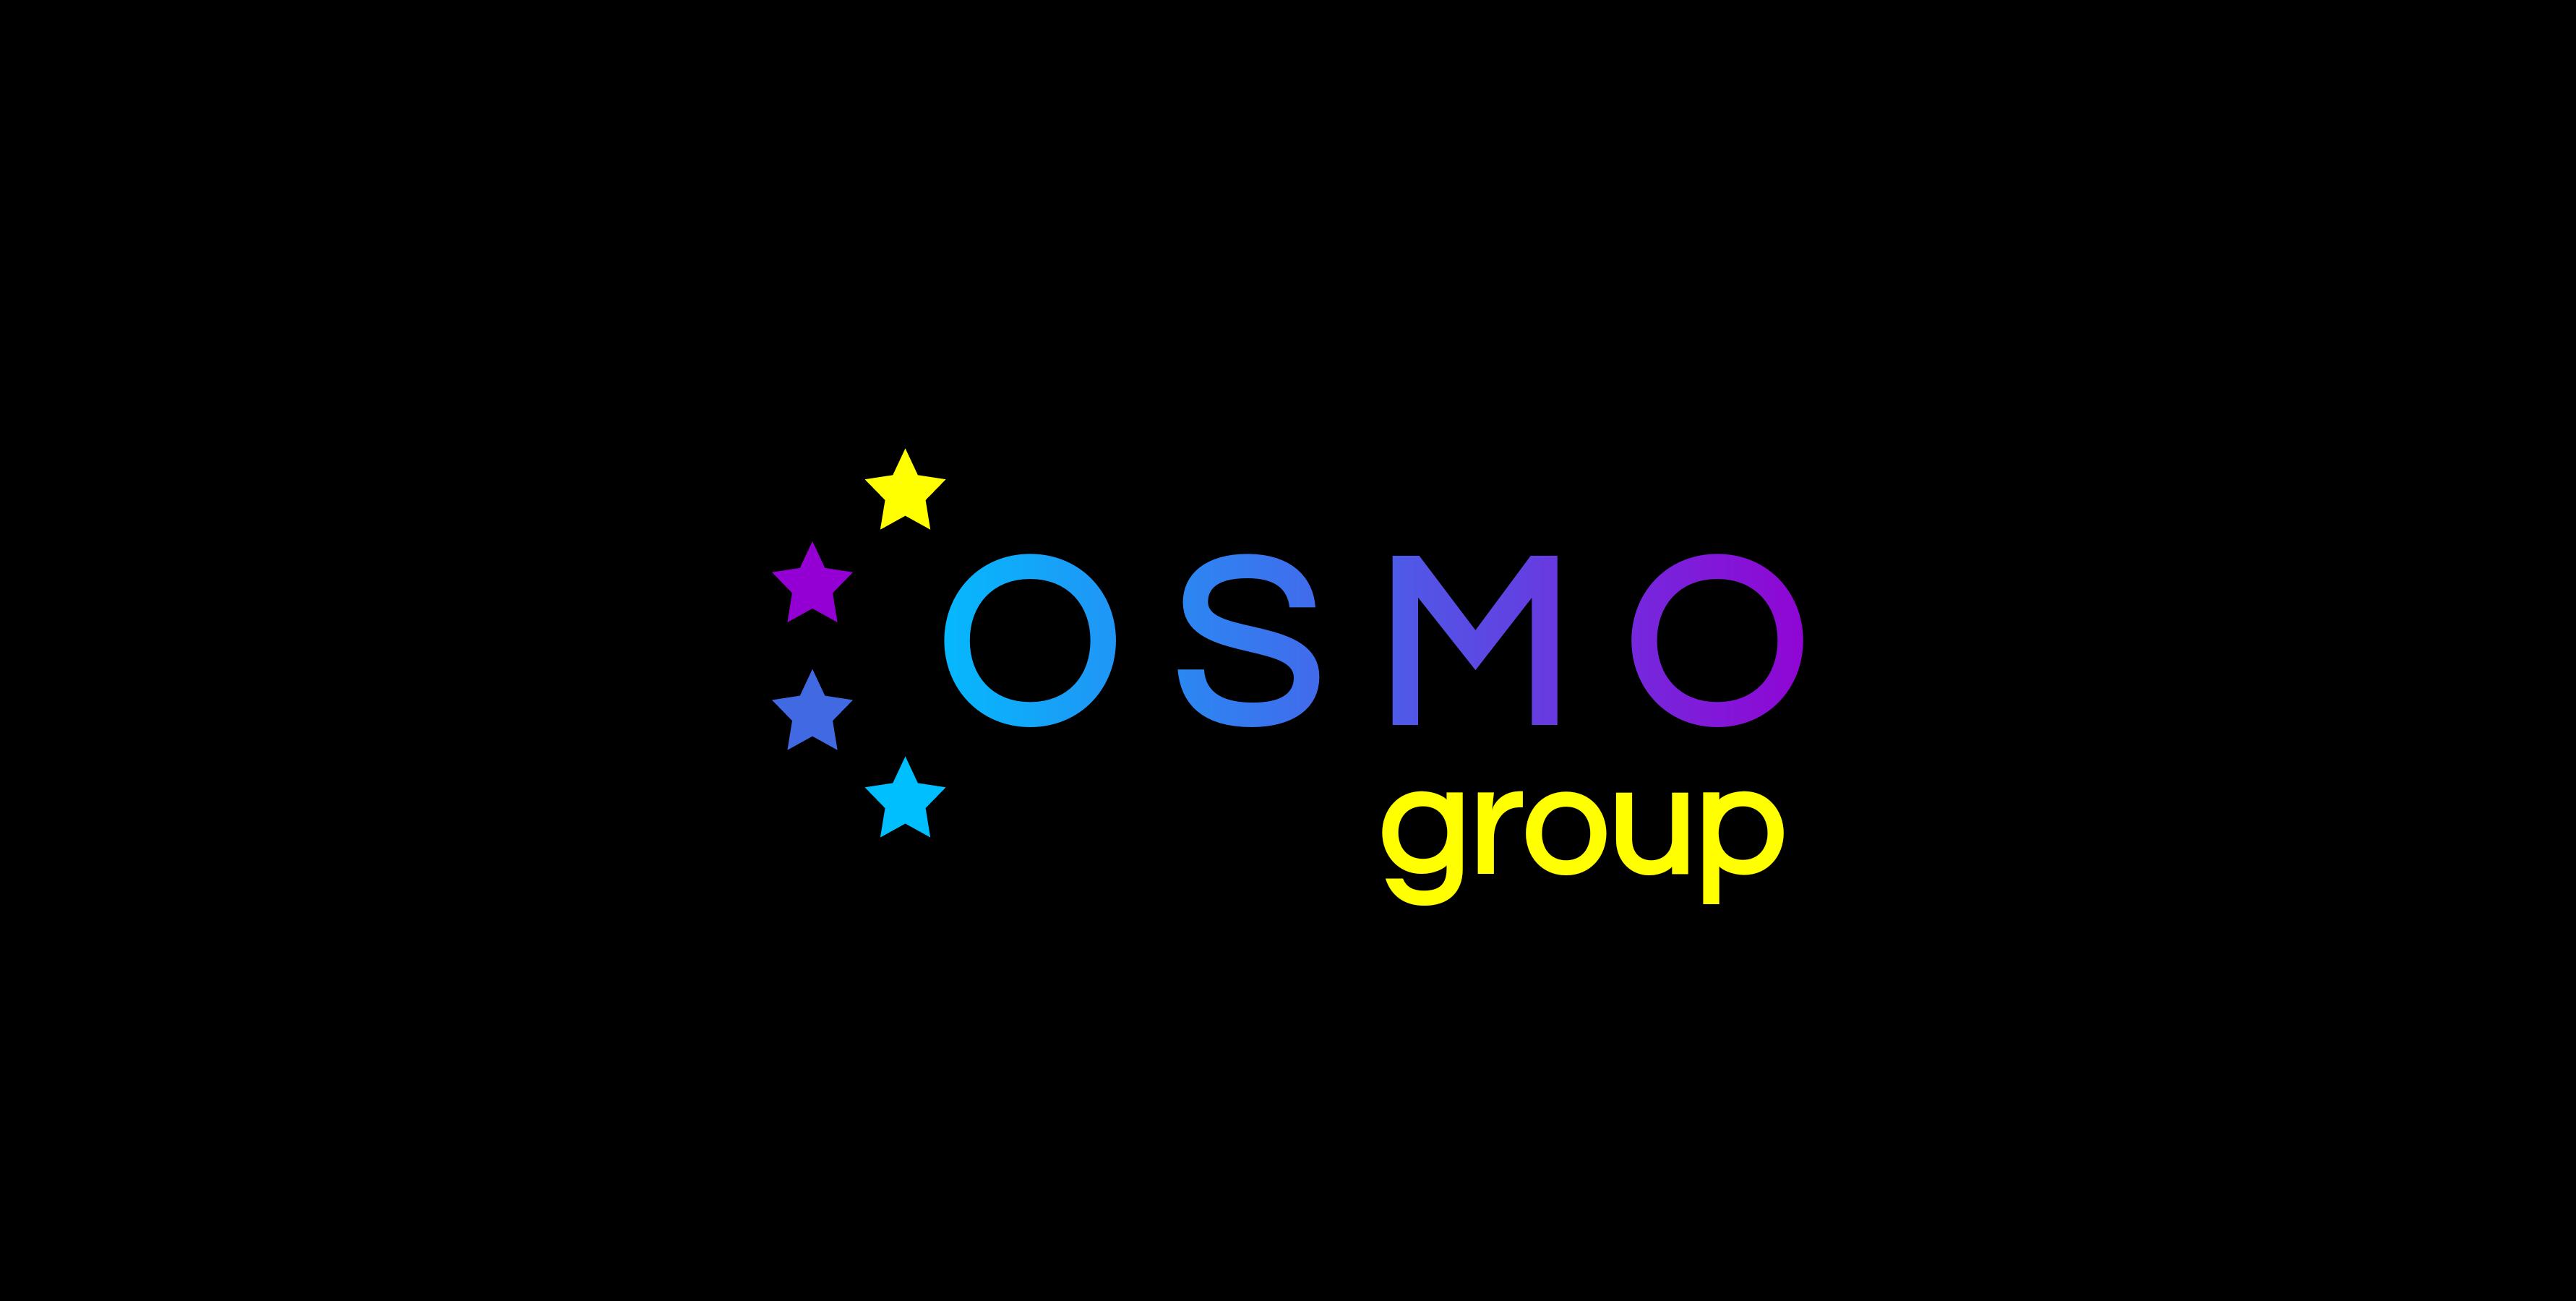 Создание логотипа для строительной компании OSMO group  фото f_60059b6f5254d4f9.png